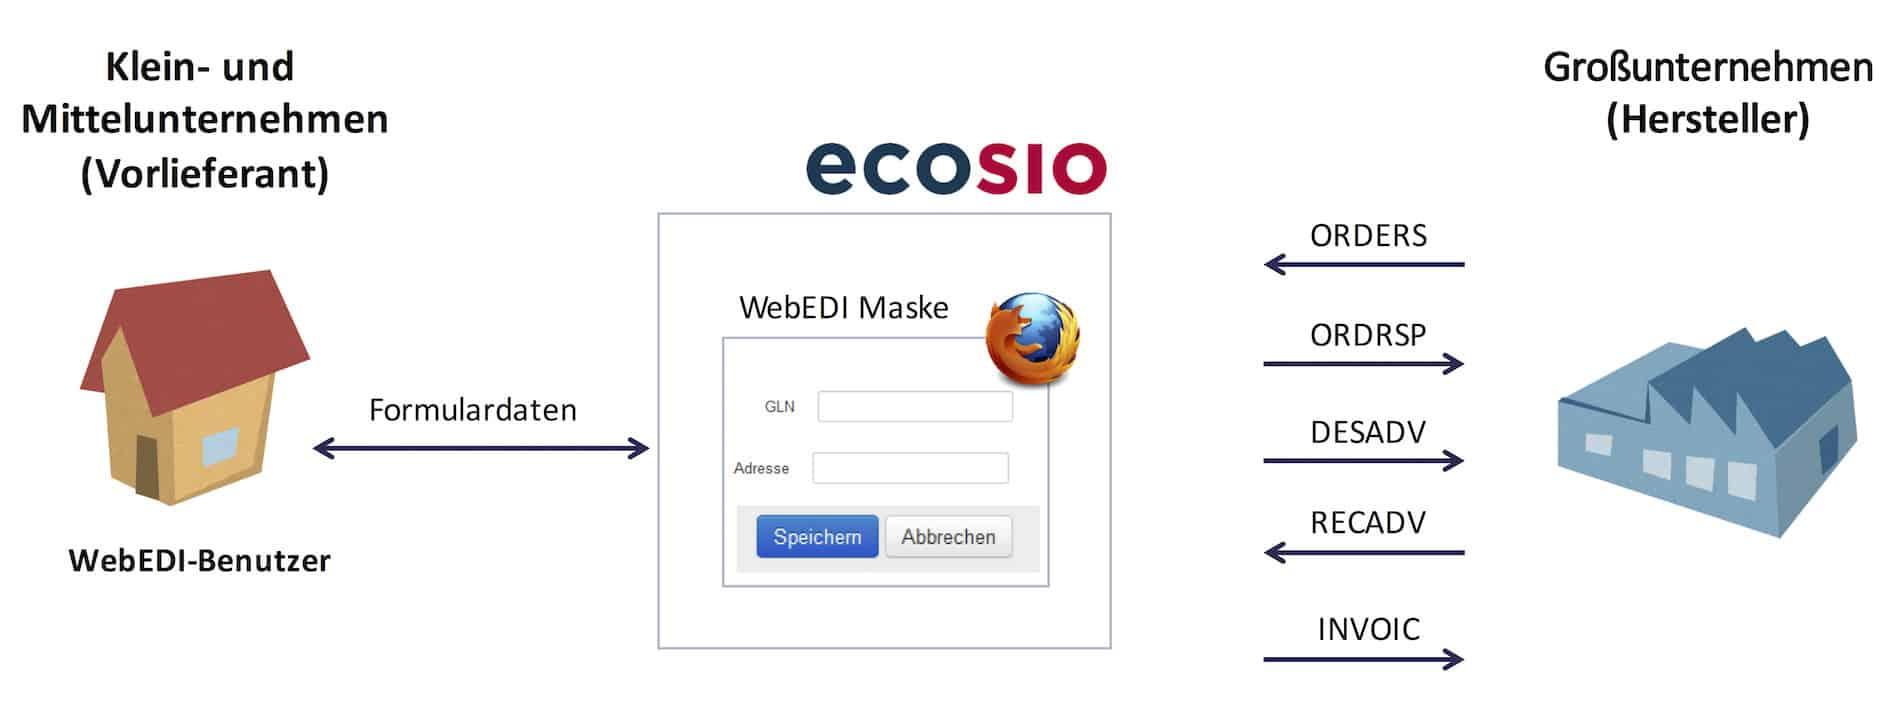 Verwendete Dokumenttypen bei WebEDI